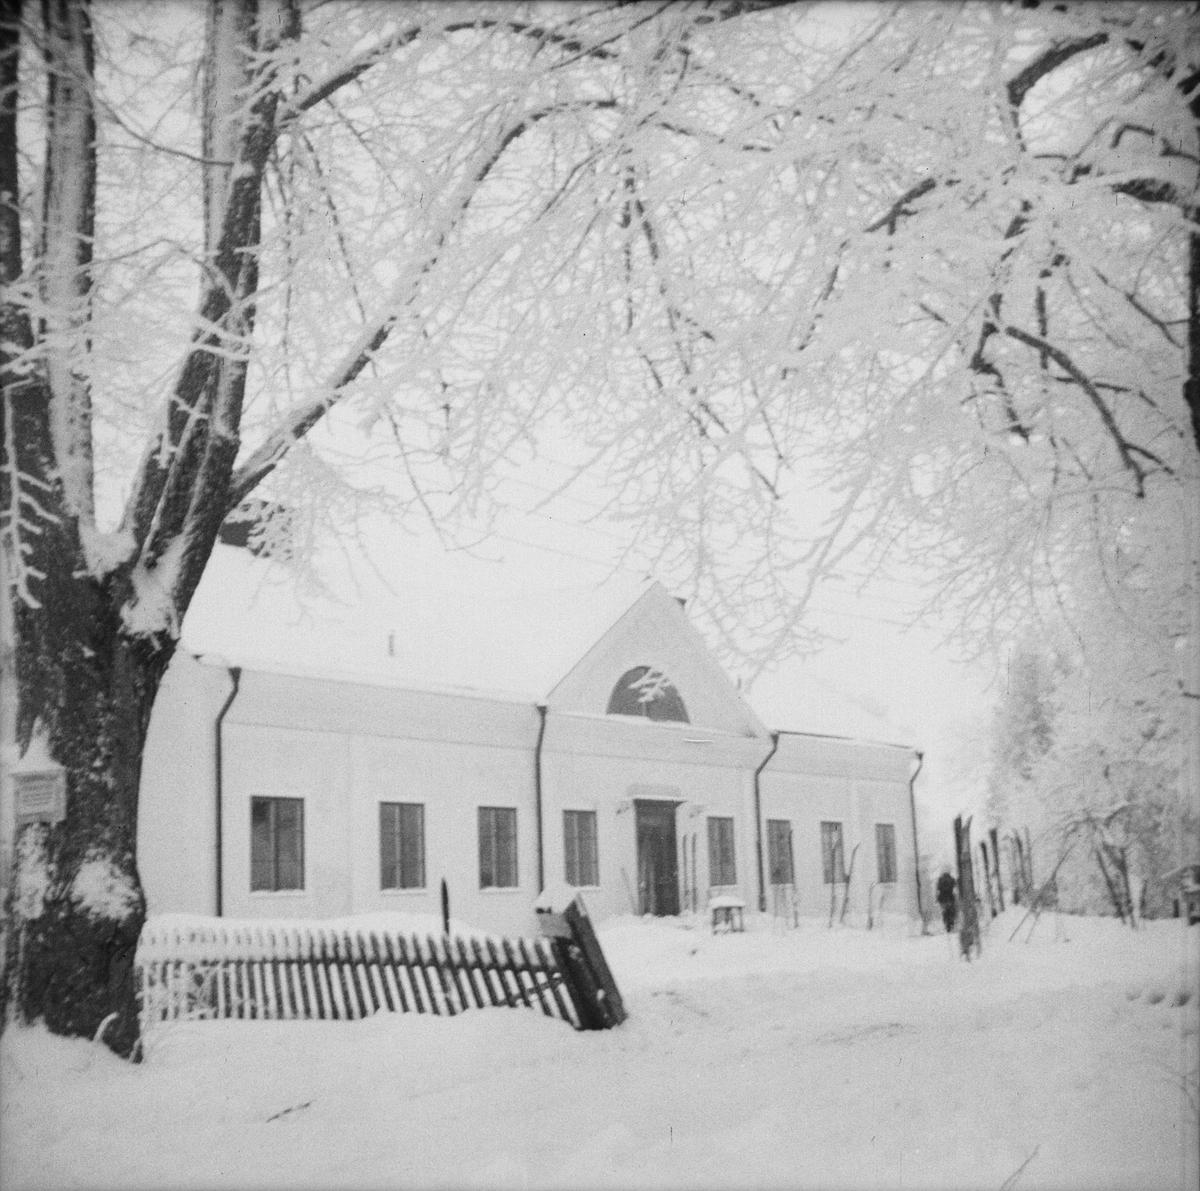 Invigning av Vårdsätra gård, Uppsala, januari 1948